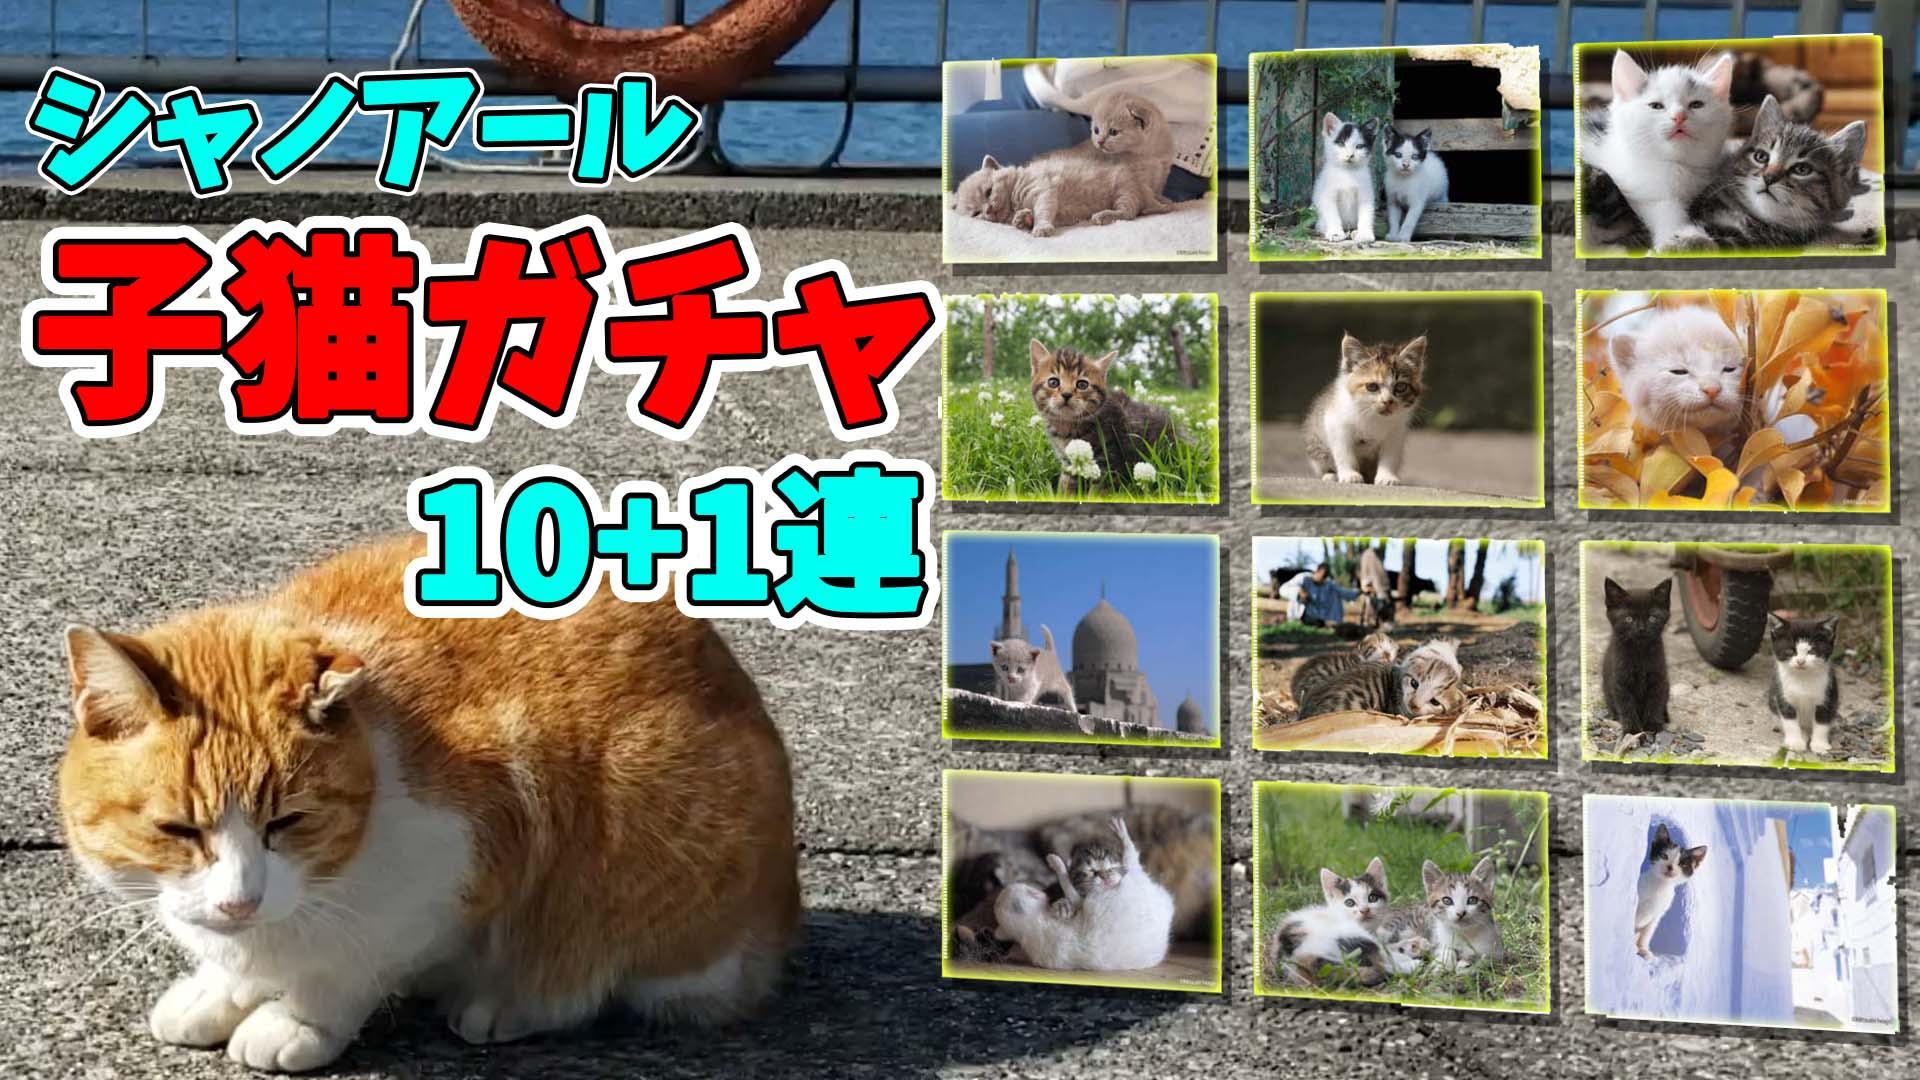 おまけの中身が知りたくて 岩合光昭さんの子猫くじ!ベローチェで貰えます